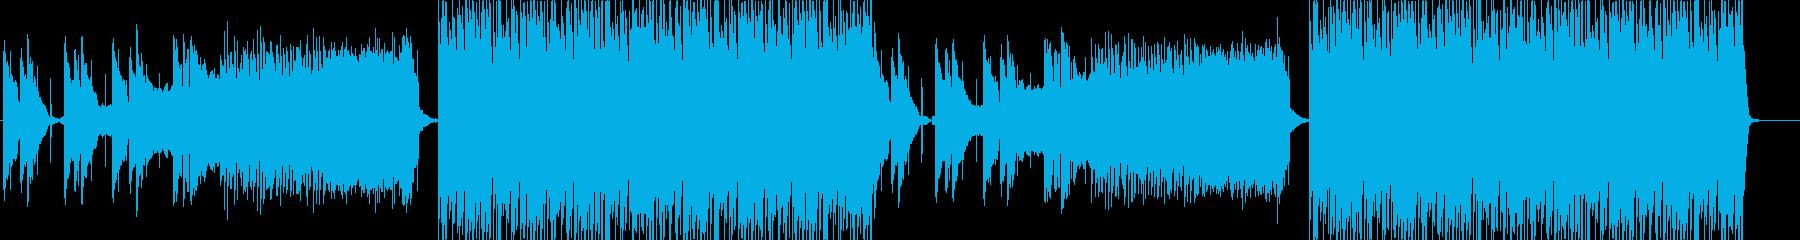 高揚感ロボットの雰囲気あるディスコEDMの再生済みの波形